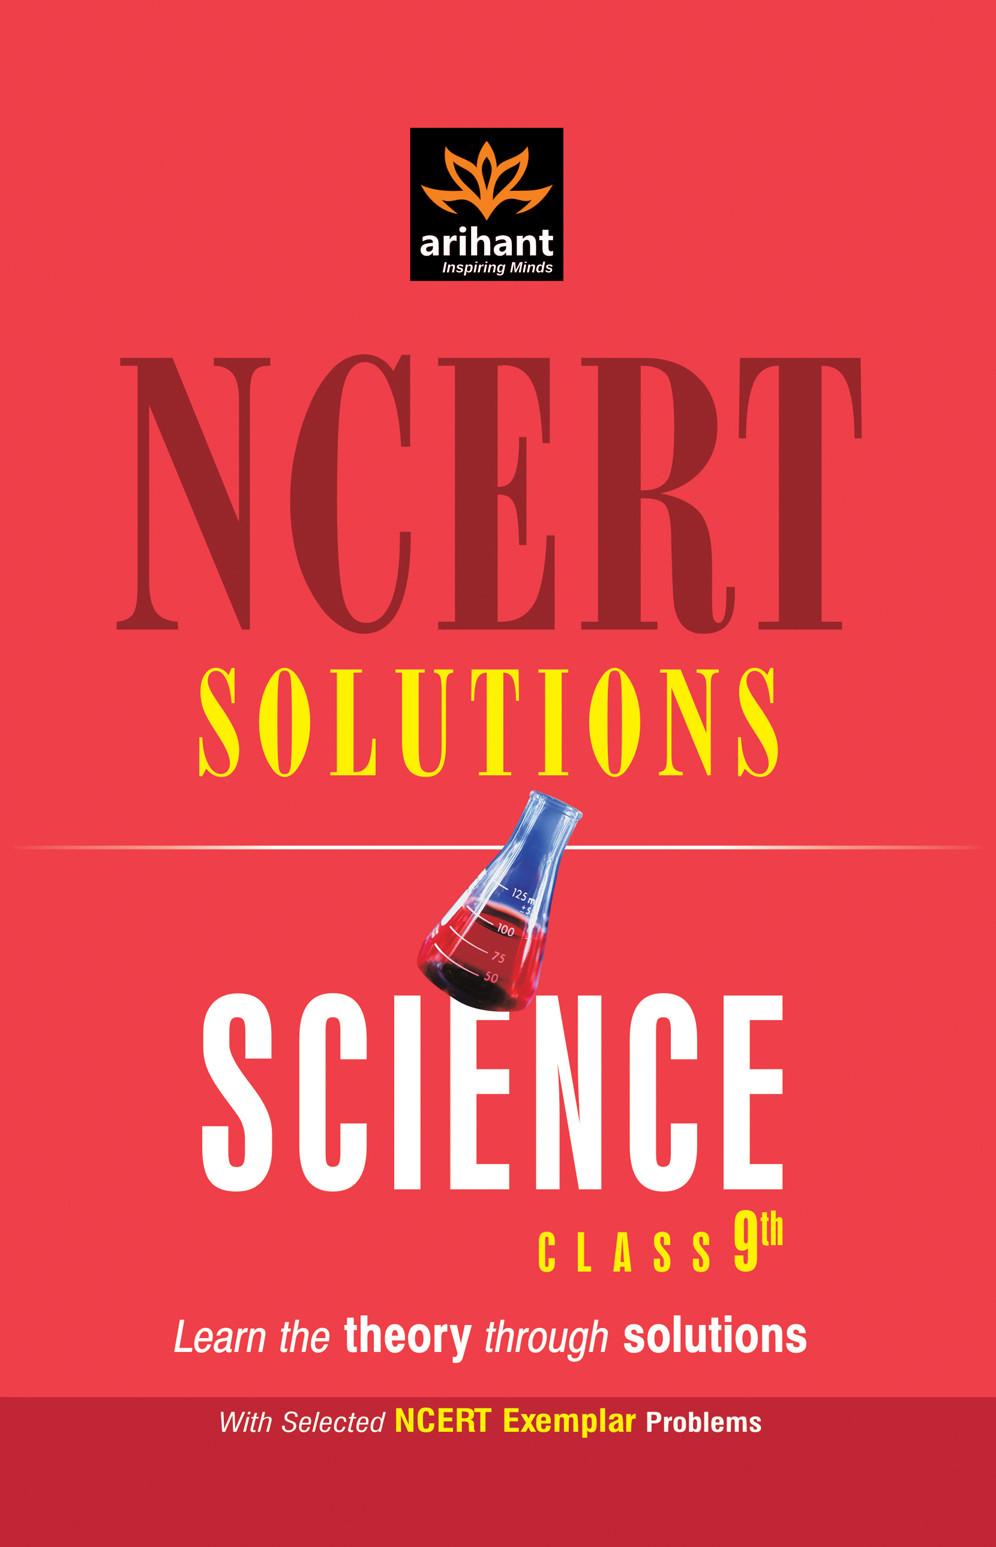 vce 3 4 physics textbook pdf